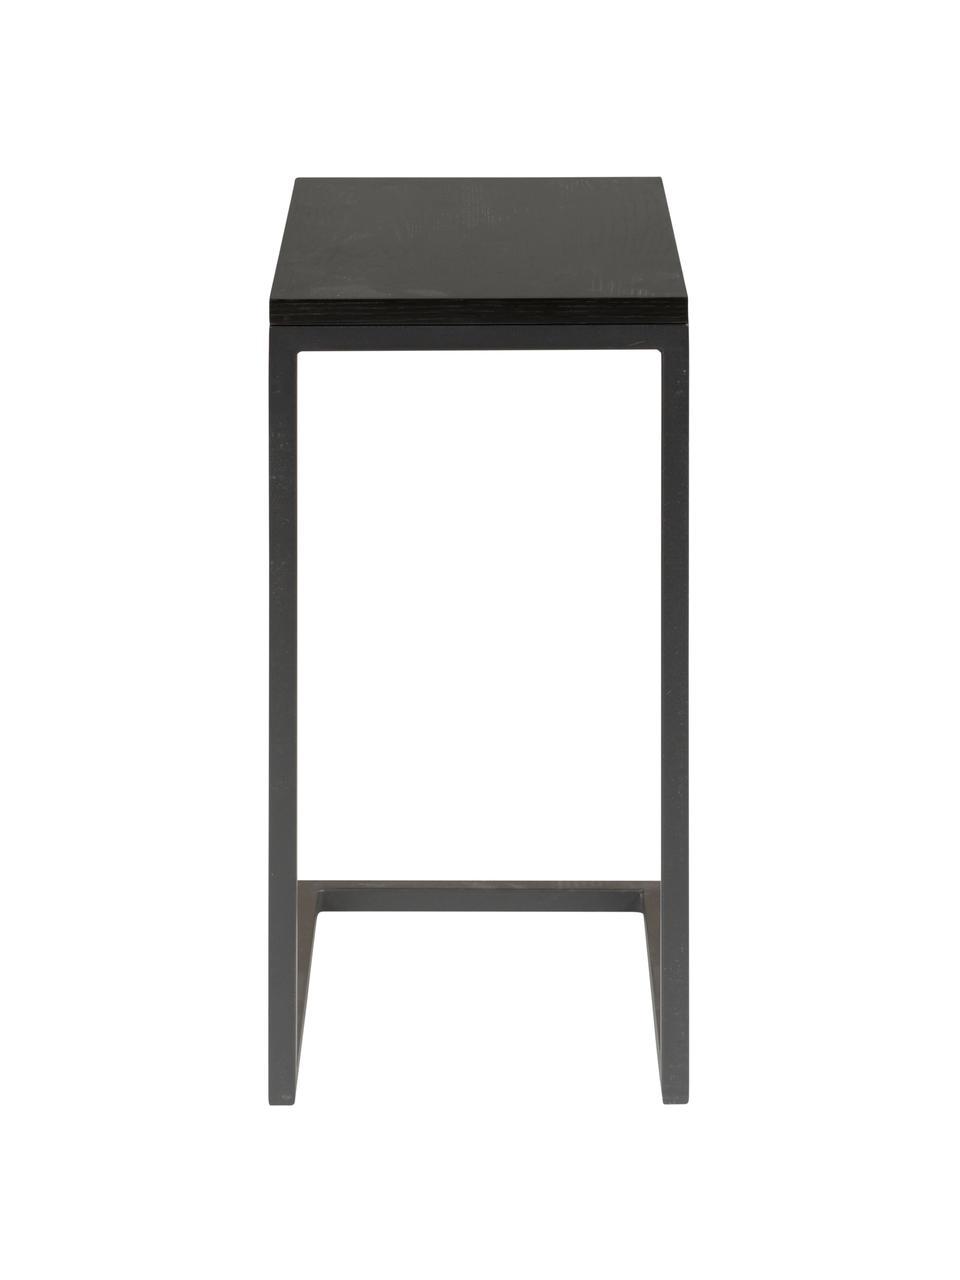 Stolik pomocniczy czarny Pia, Blat: drewno dębowe, lakierowan, Stelaż: metal malowany proszkowo, Czarny, S 40 x G 30 cm